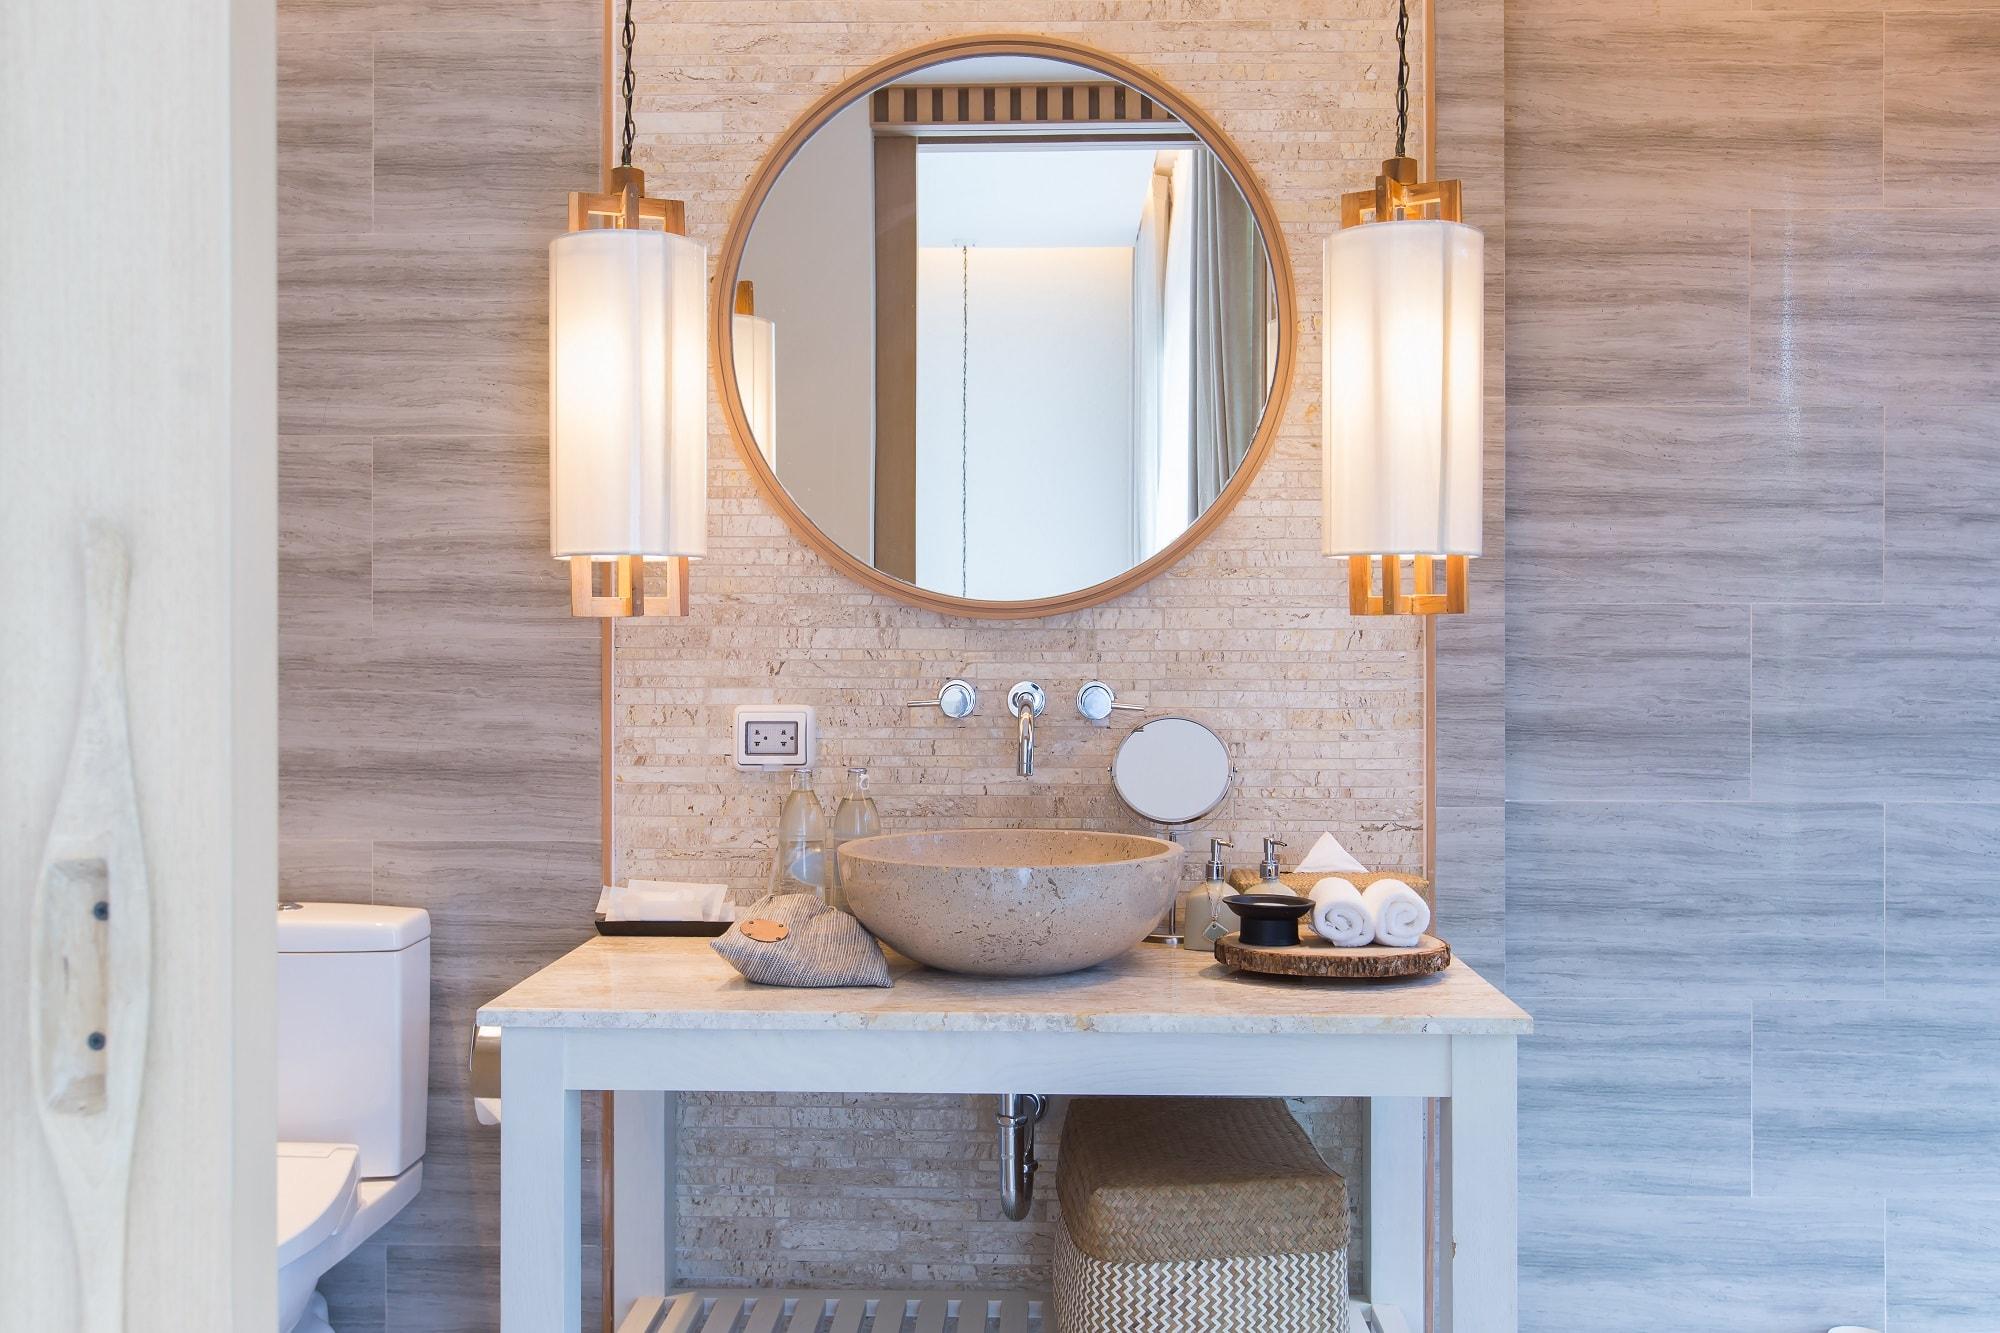 Badkamer Verlichting Ideeen : Verlichting in de badkamer: 6 handige tips u2013 womanistical